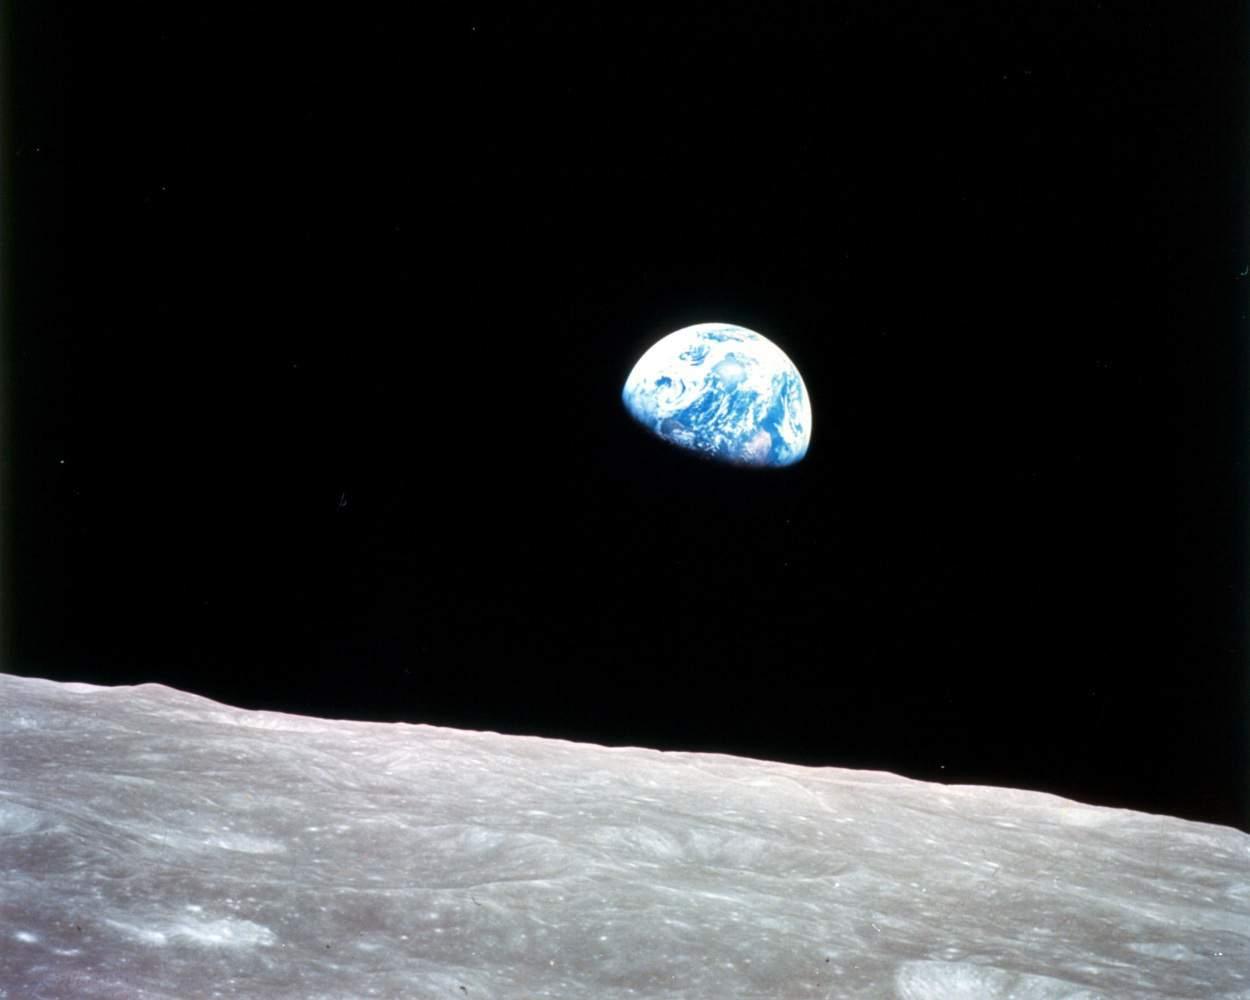 أجمل قصة خيالية عن القمر مكتوبة موسوعة